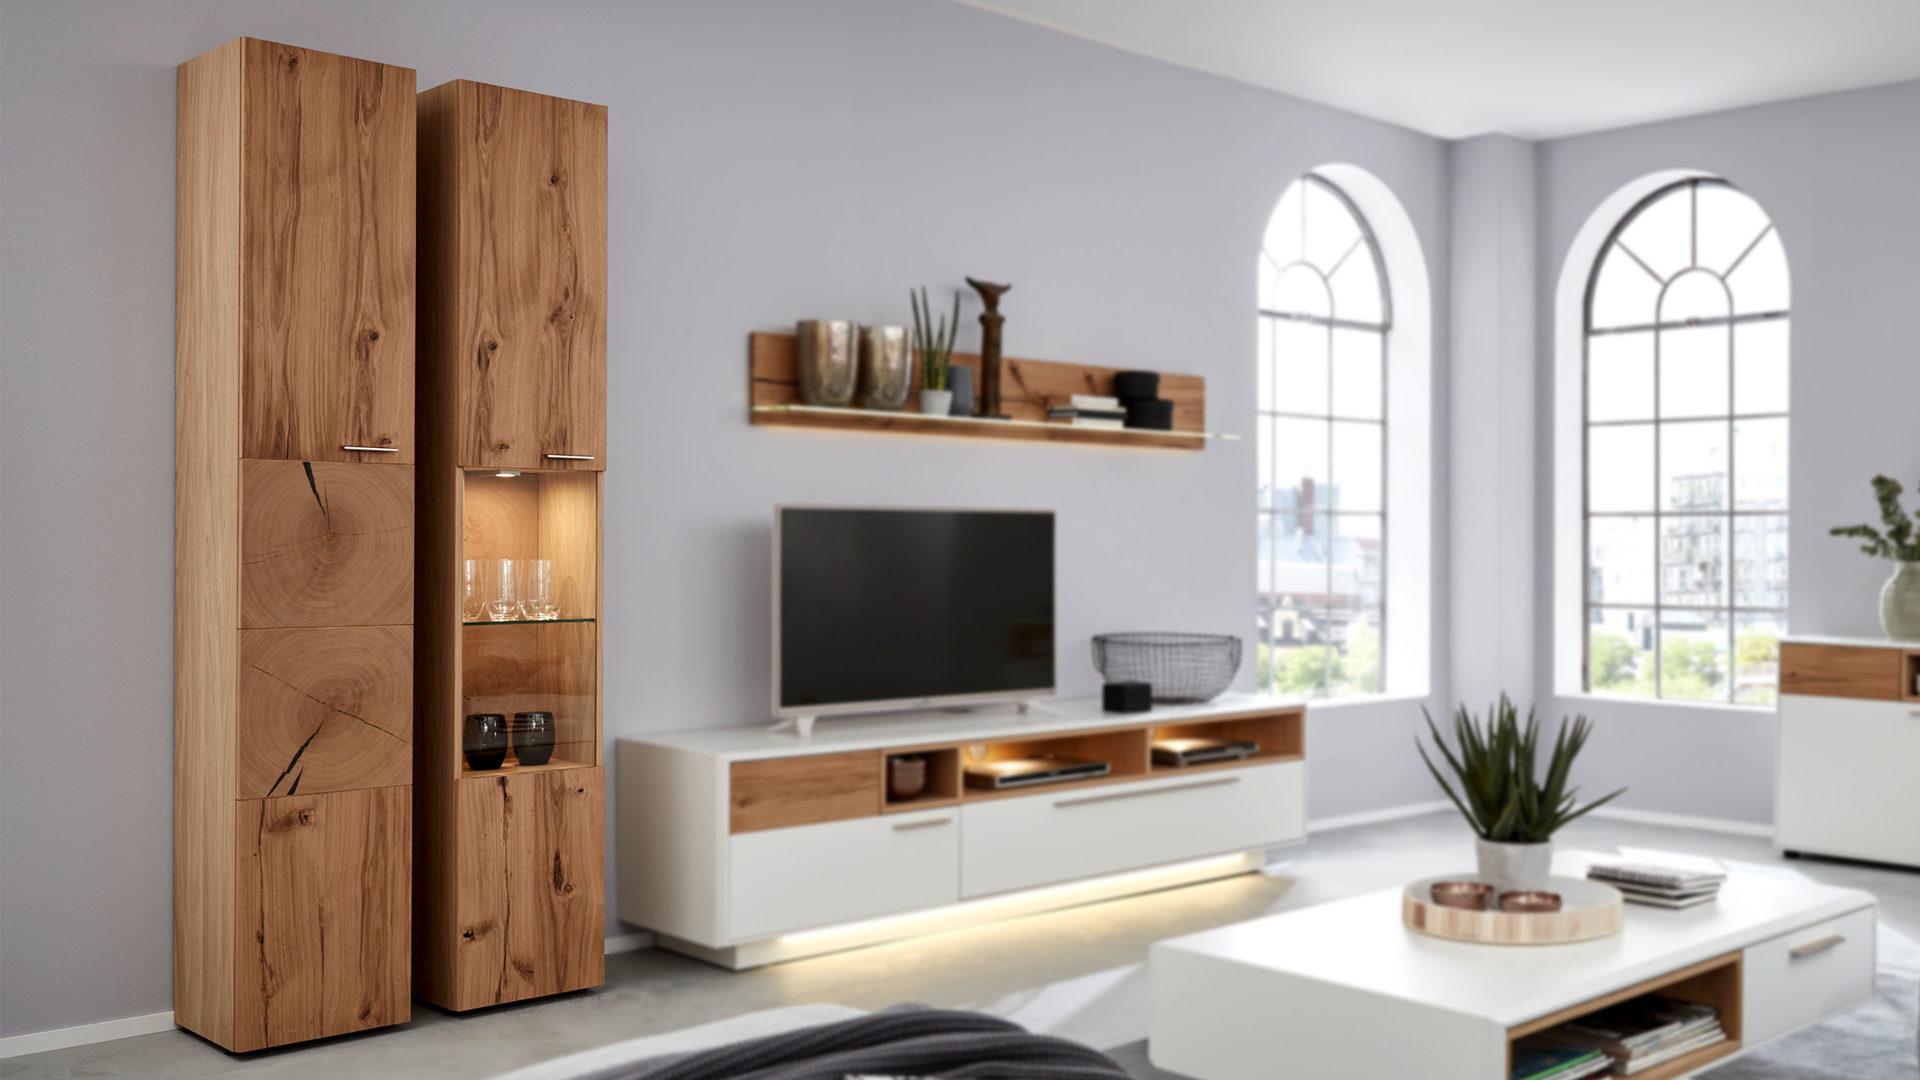 Interliving Wohnzimmer Serie 17 – Vitrinenschrank 17 mit Beleuchtung,  helles Asteiche-Furnier – eine Tür mit Glaseins